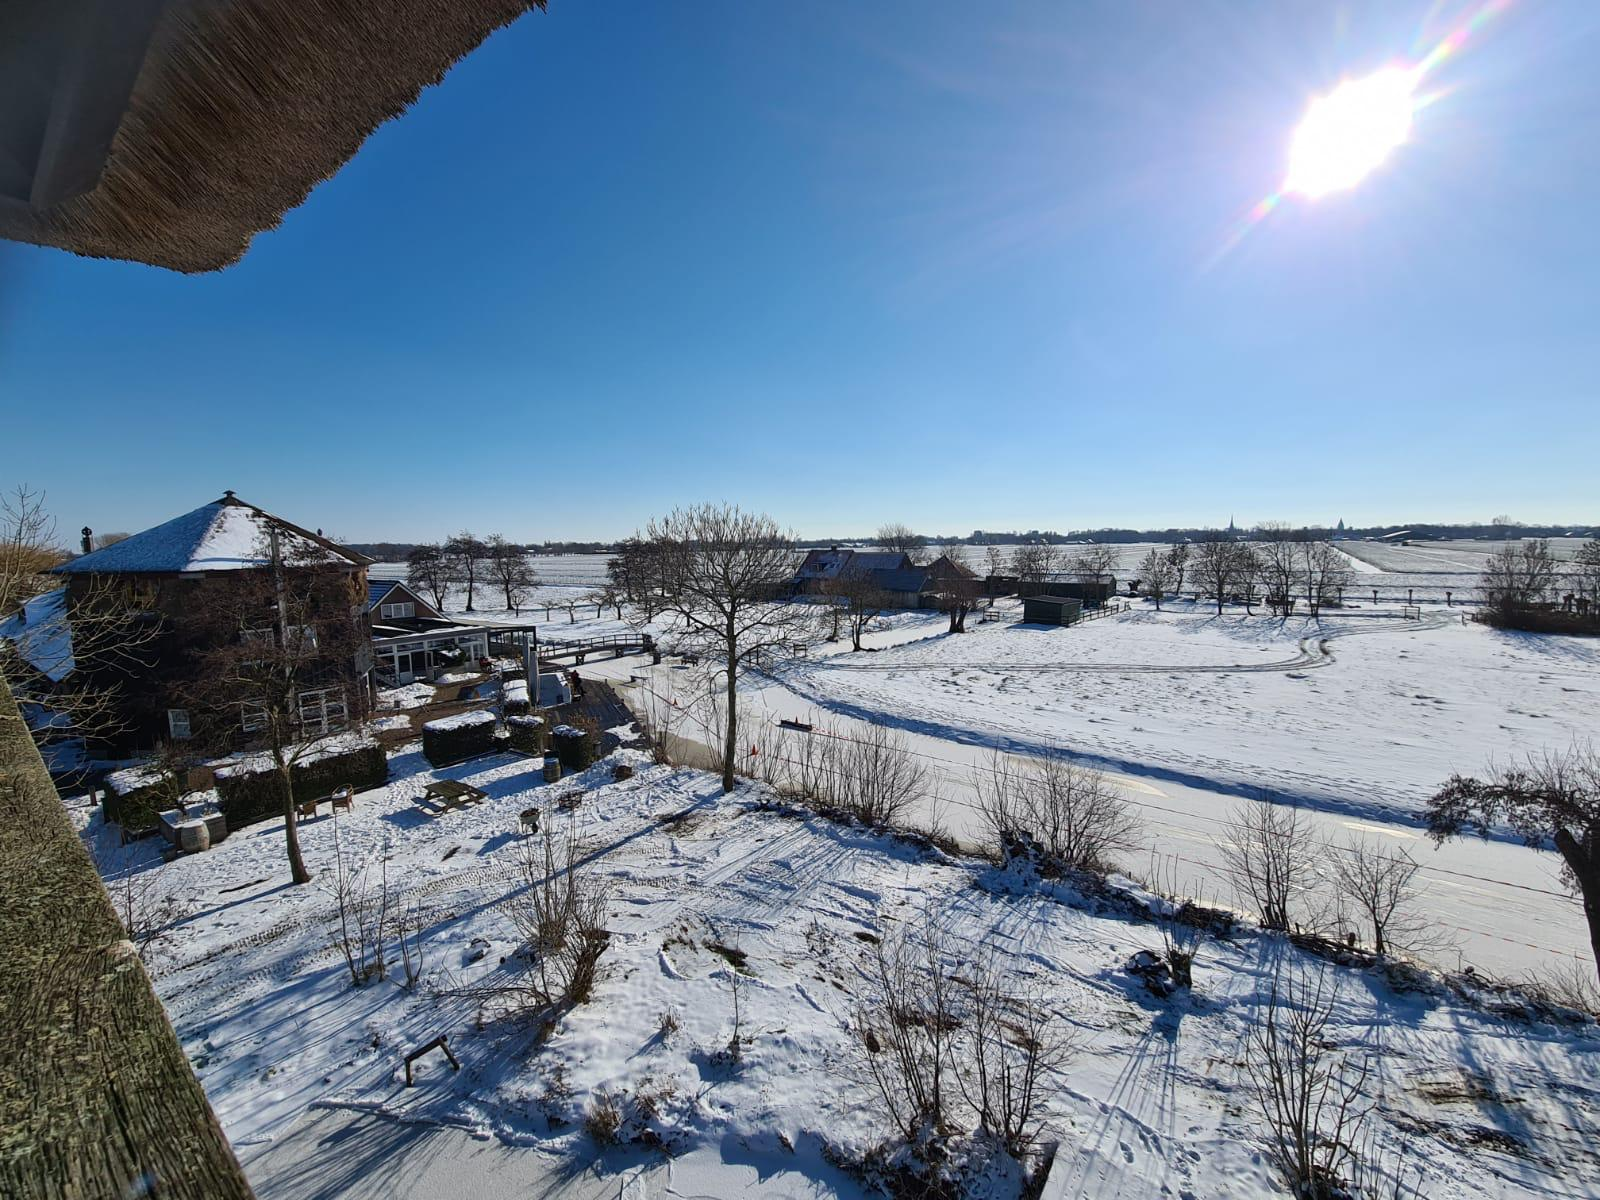 Winter wonderland   Boerderij De Boerinn